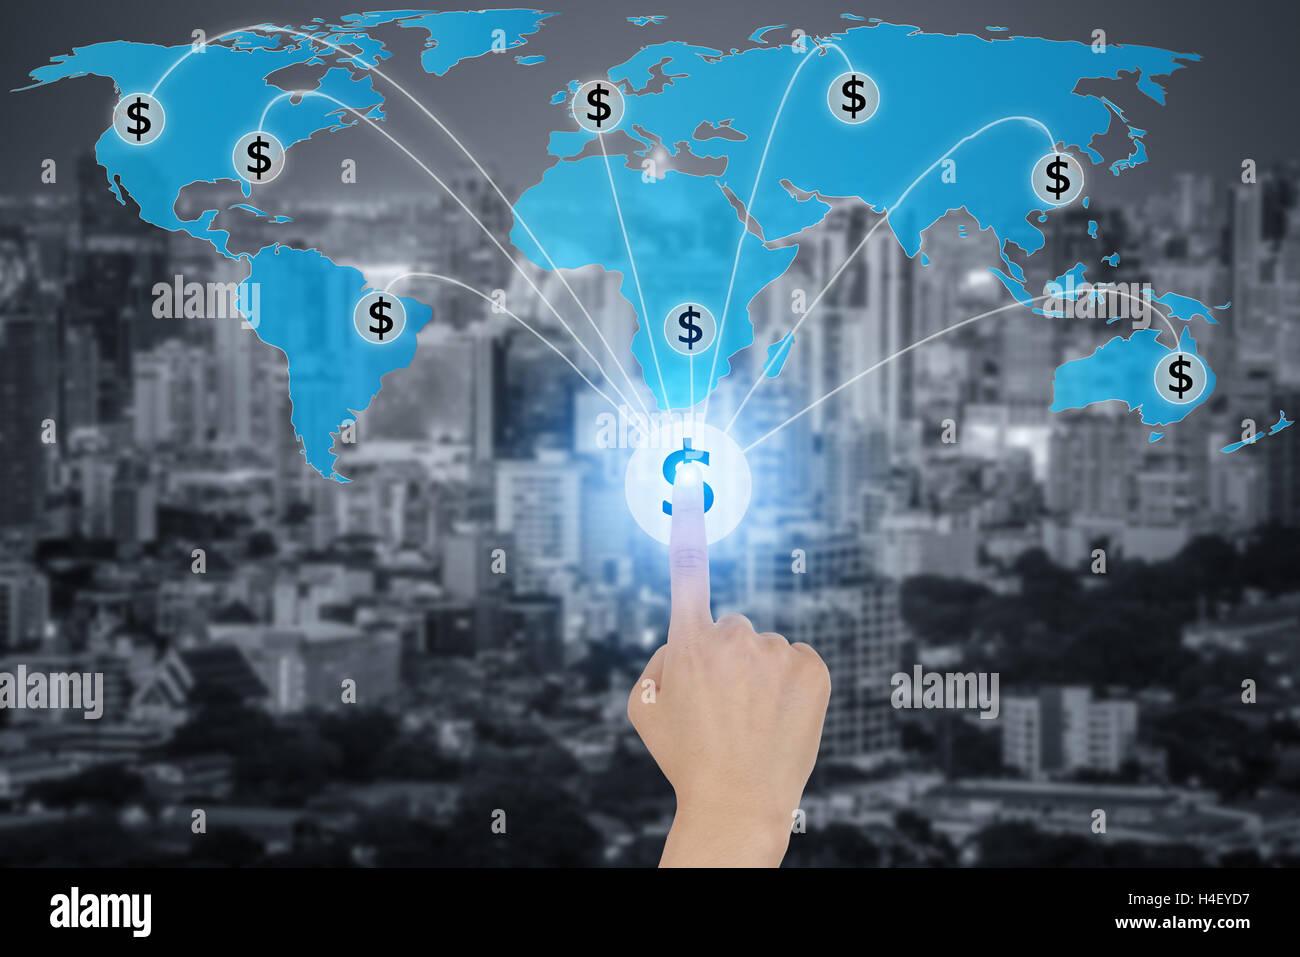 Berühren der Schaltfläche mit Dollar-Währungssymbole im Netz, Konzept über Weltfinanzmärkte Stockbild